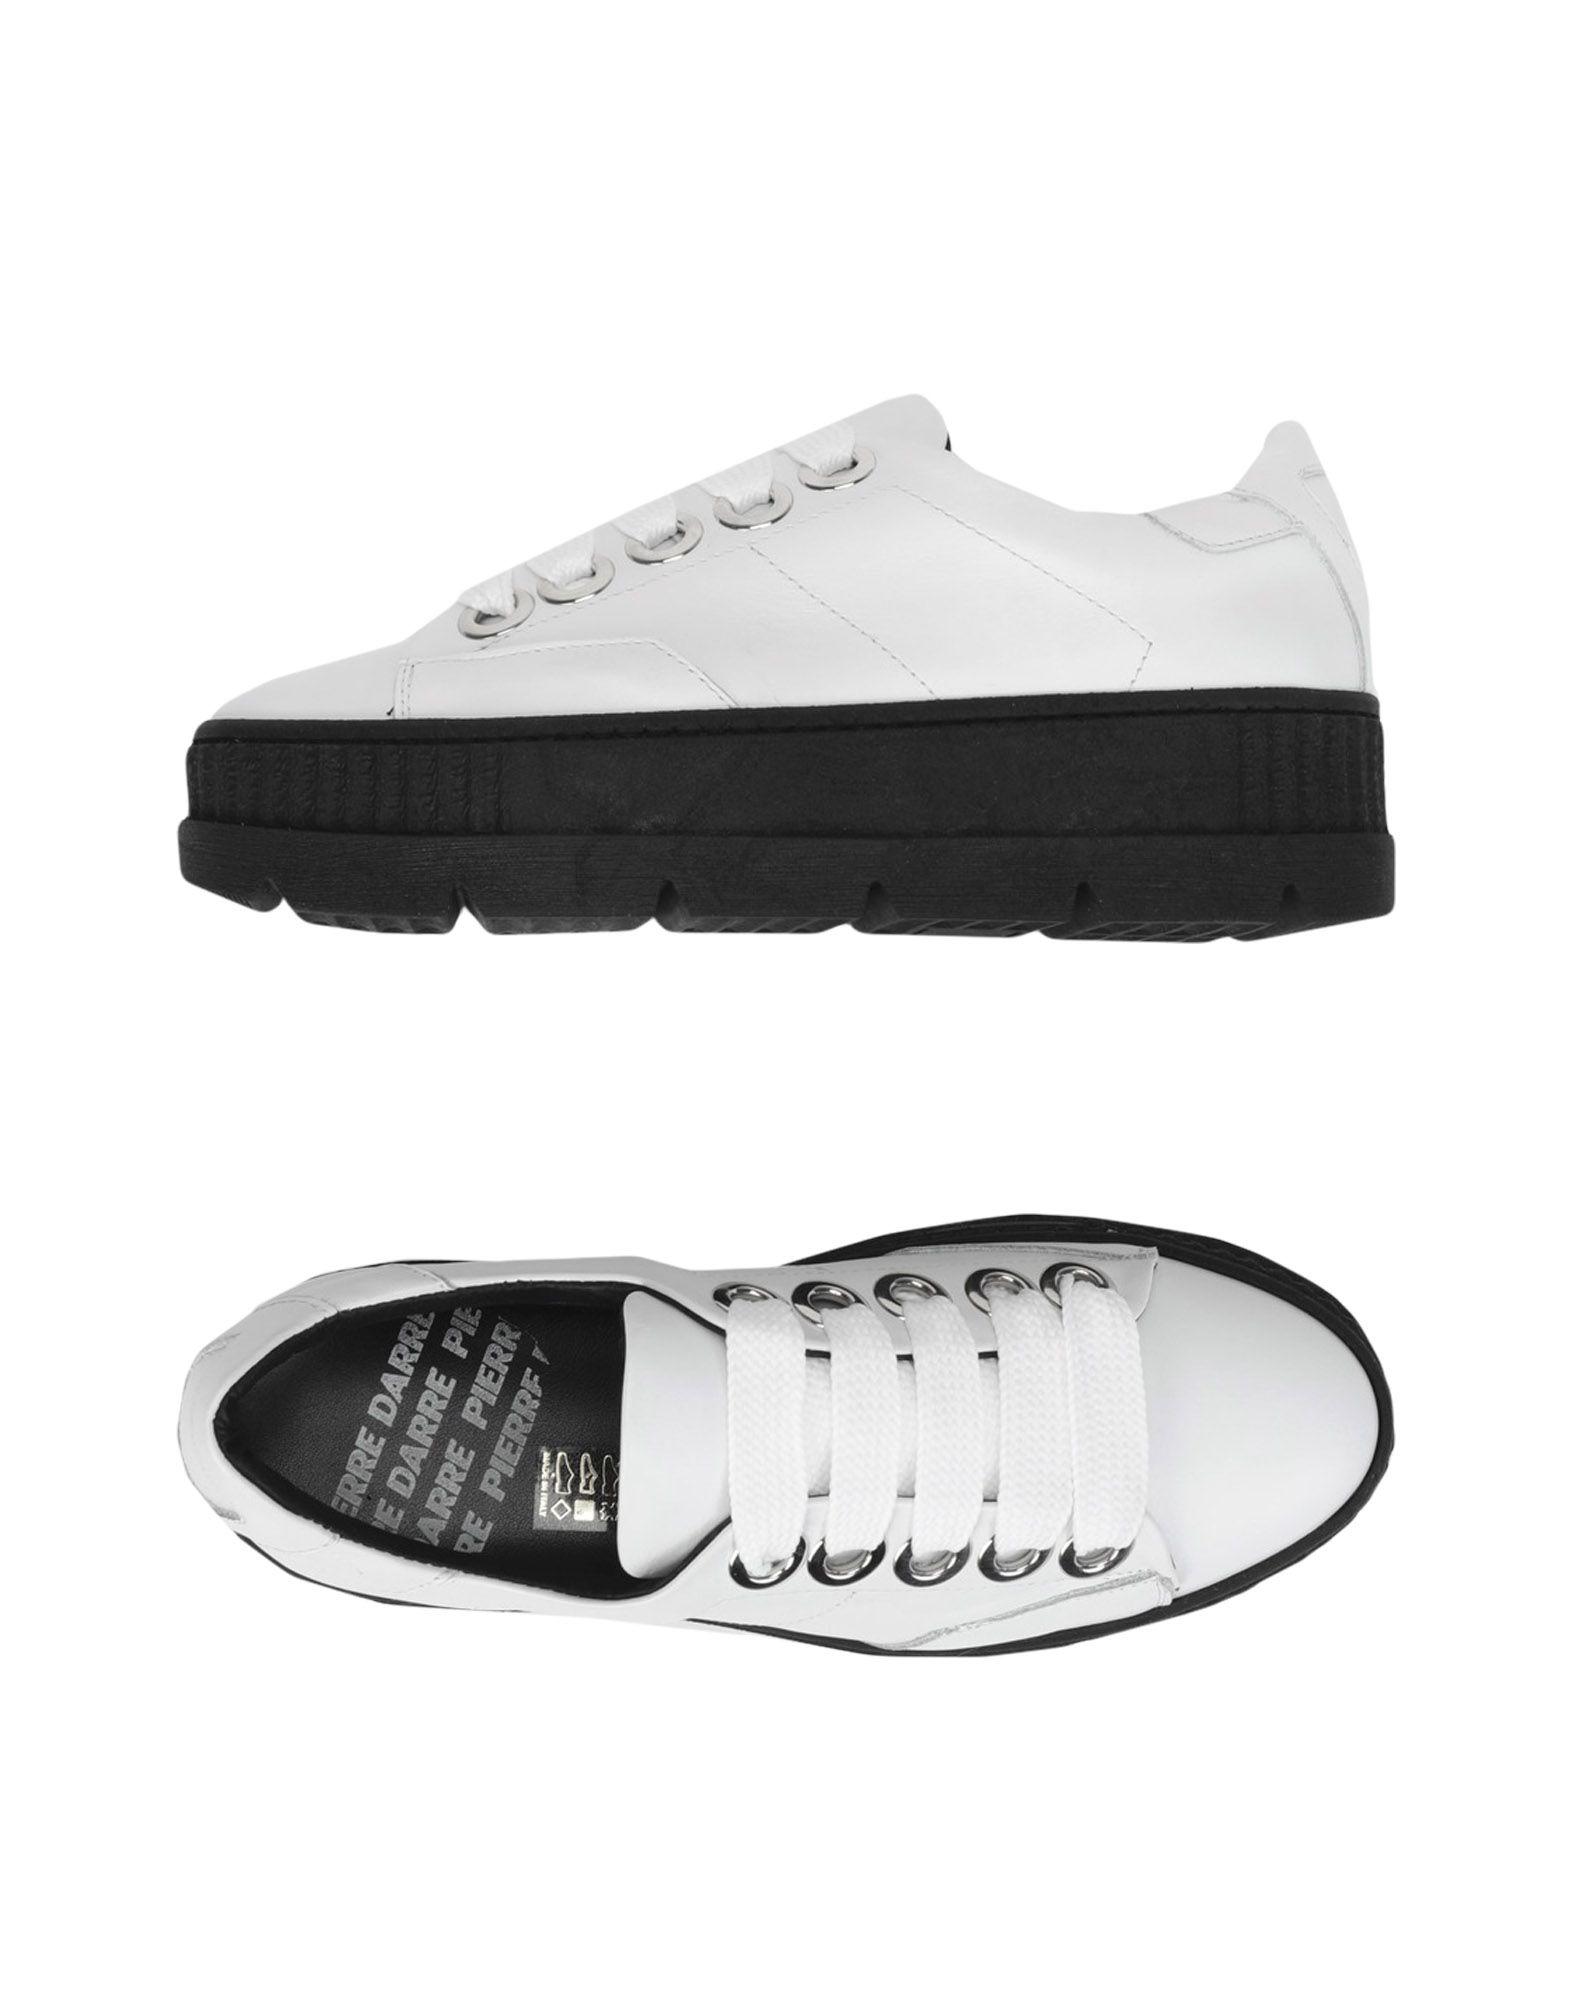 Pierre Darré Sneakers Damen beliebte  11524334SG Gute Qualität beliebte Damen Schuhe e561cc